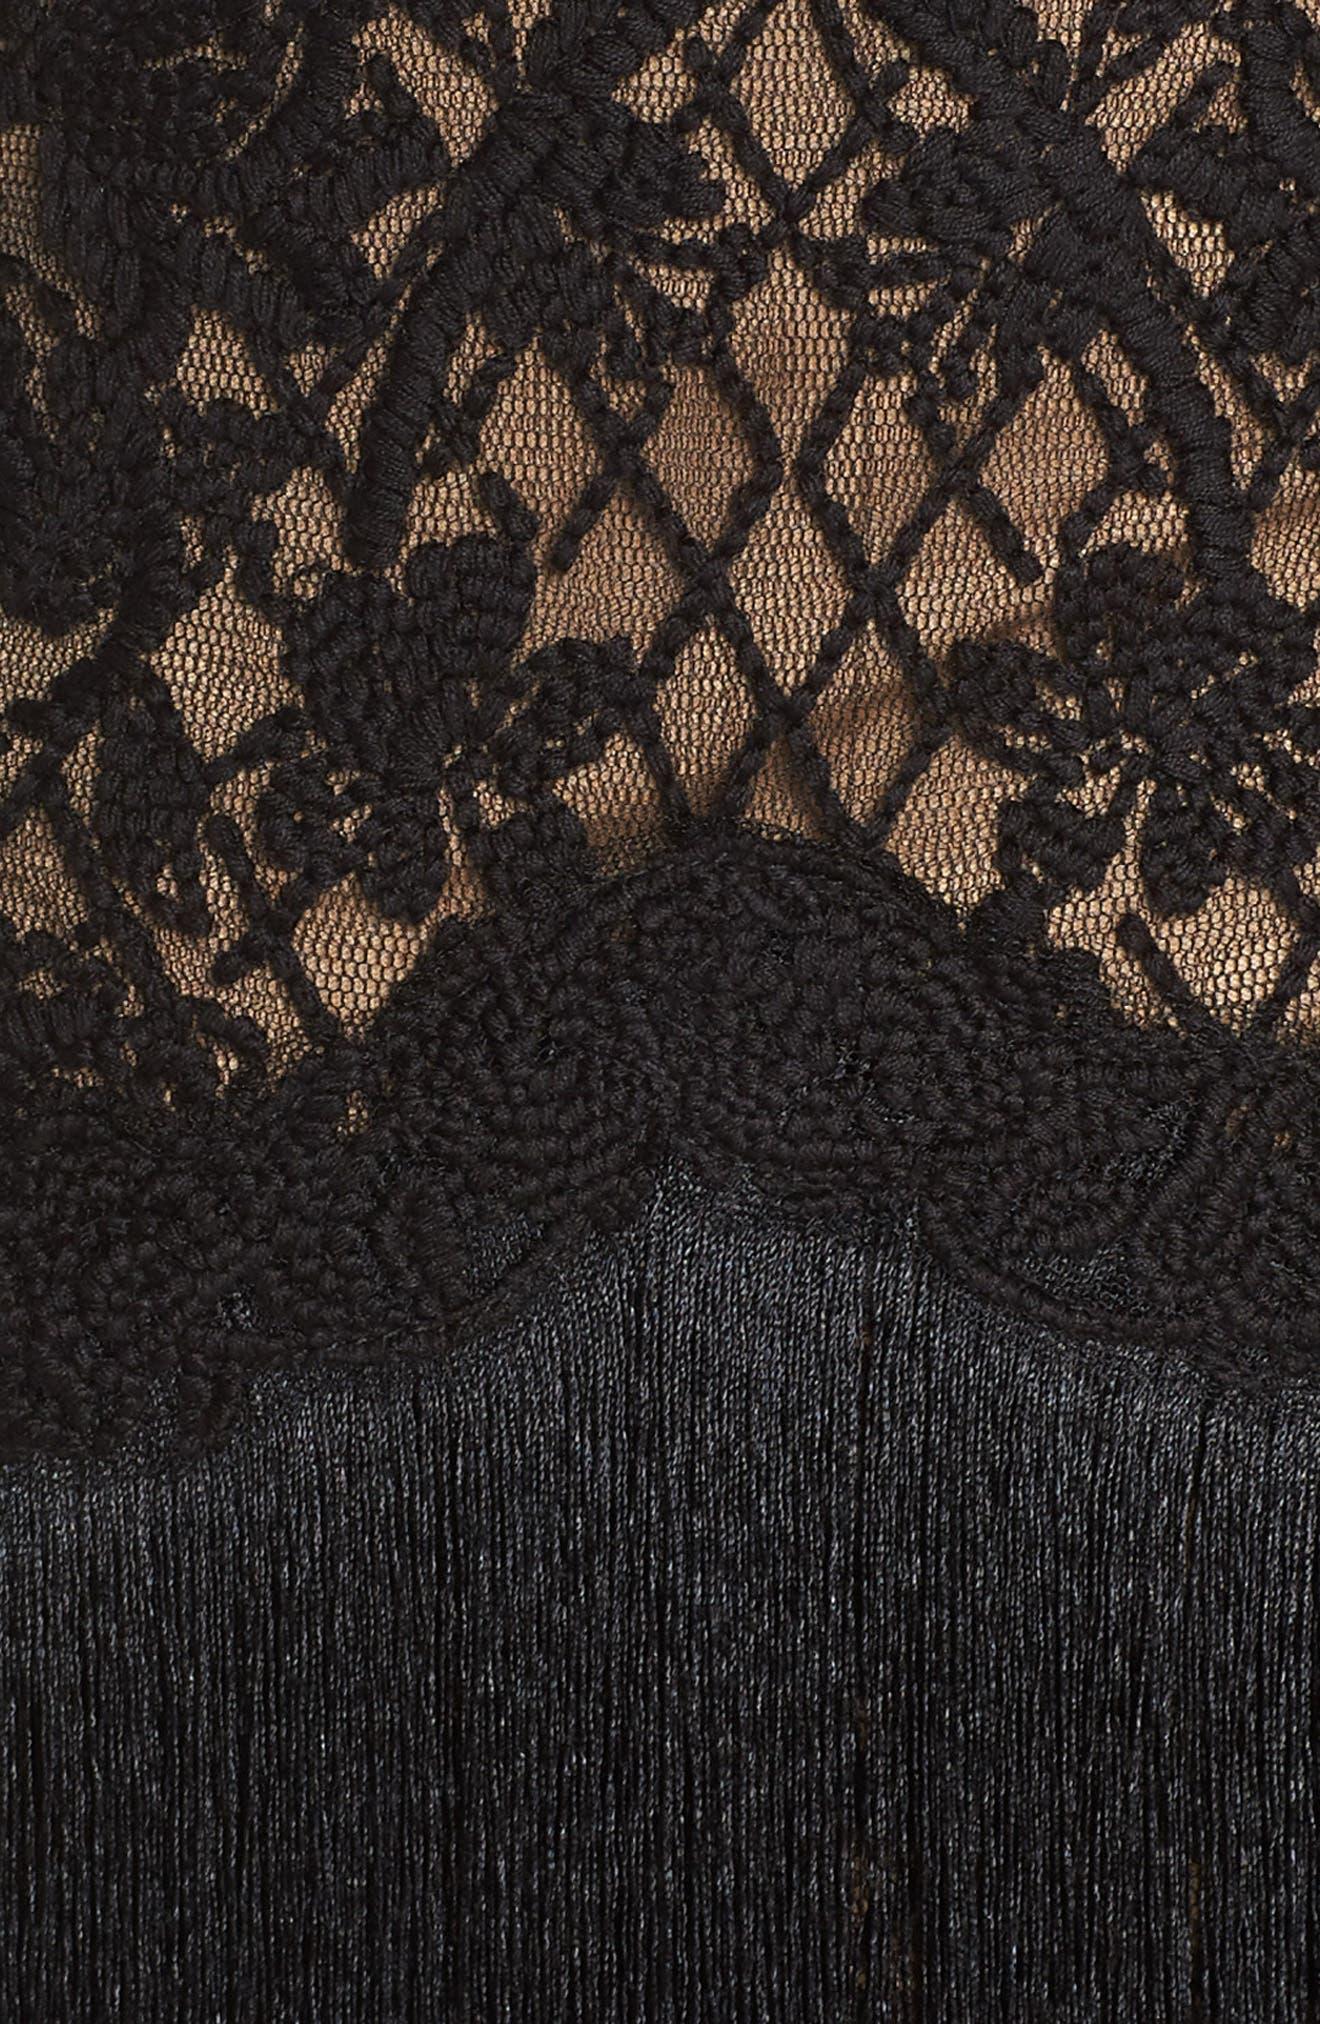 Off the Shoulder Fringe & Embroidered Mesh Dress,                             Alternate thumbnail 5, color,                             BLACK/ NUDE